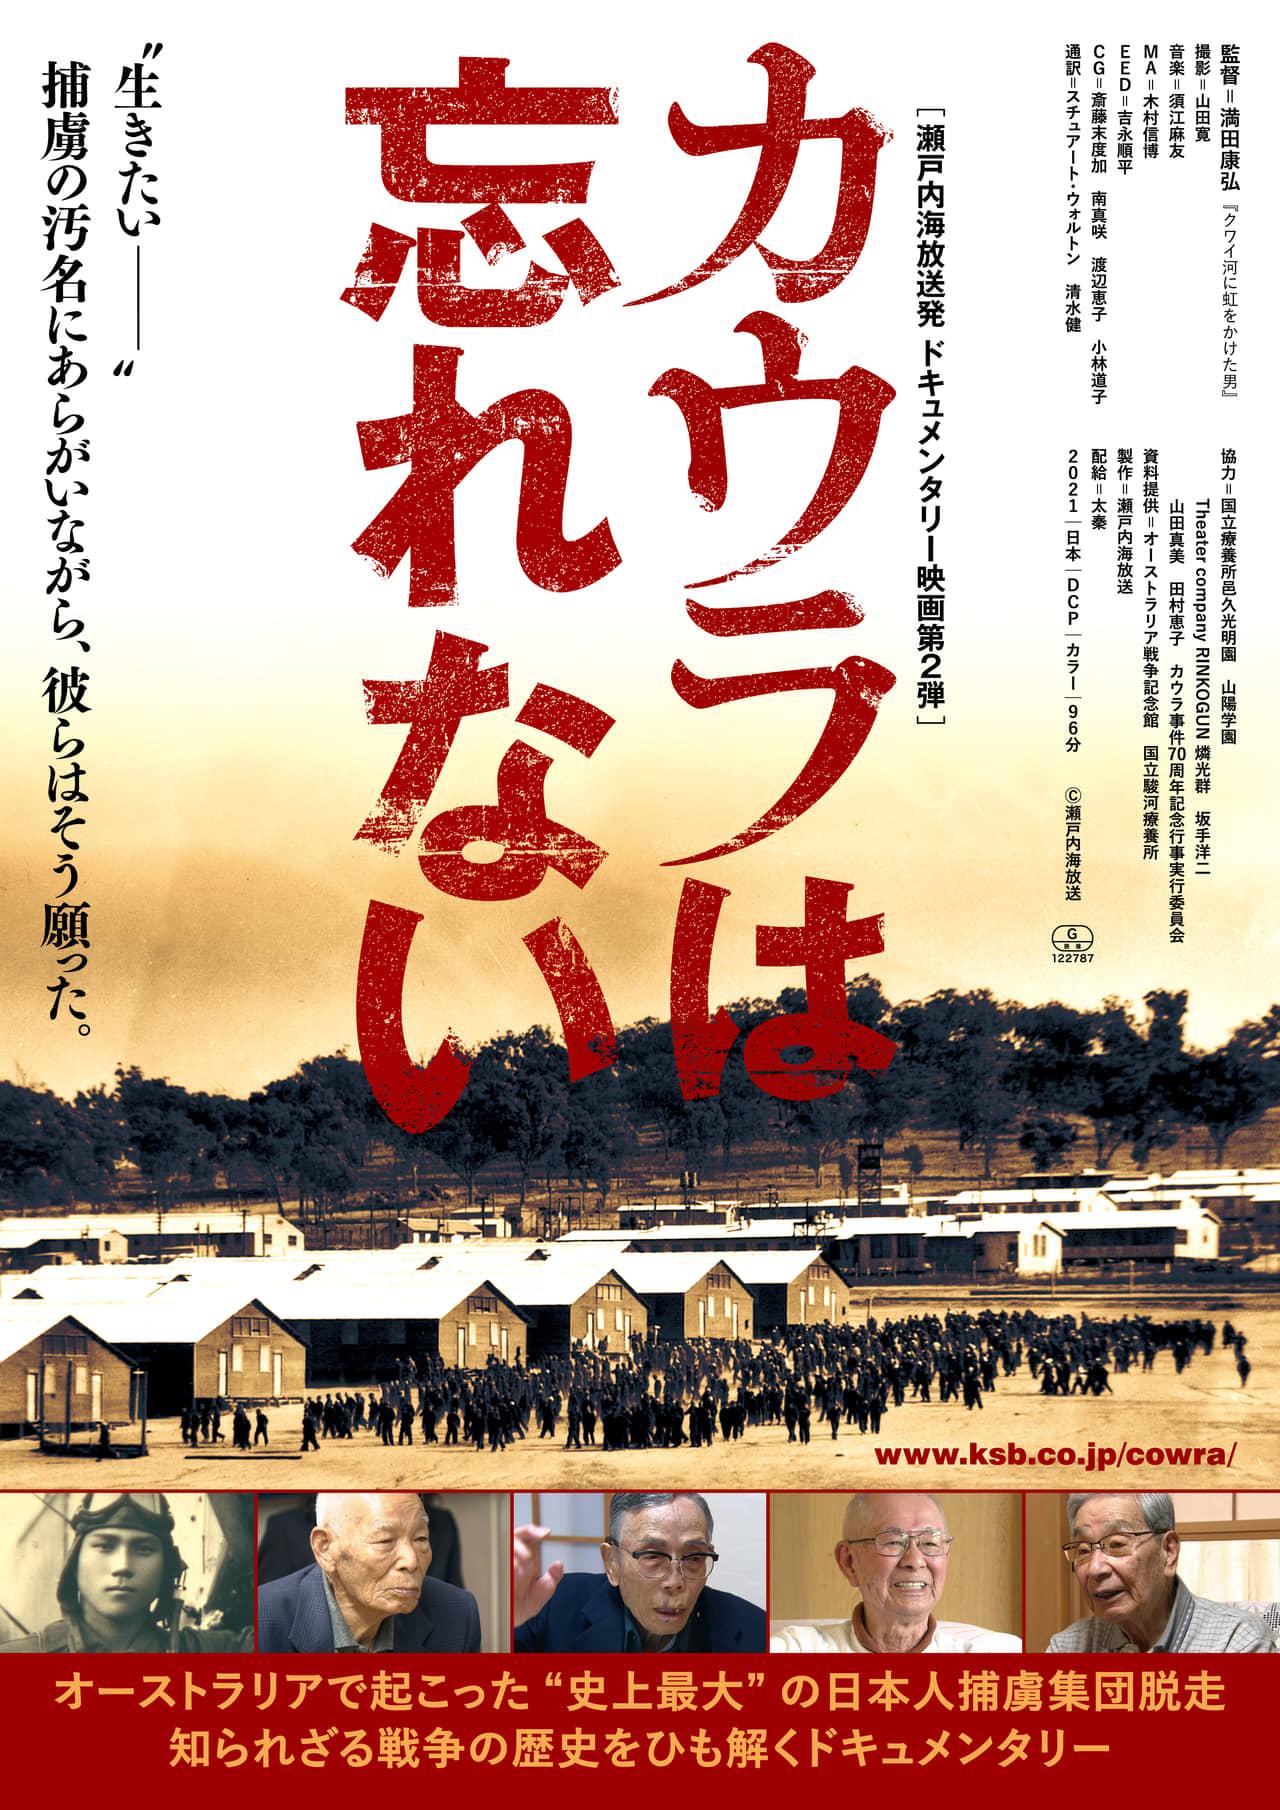 史上最大の日本人捕虜集団脱走事件はなぜ起きたのか? 〜映画『カウラは忘れない』